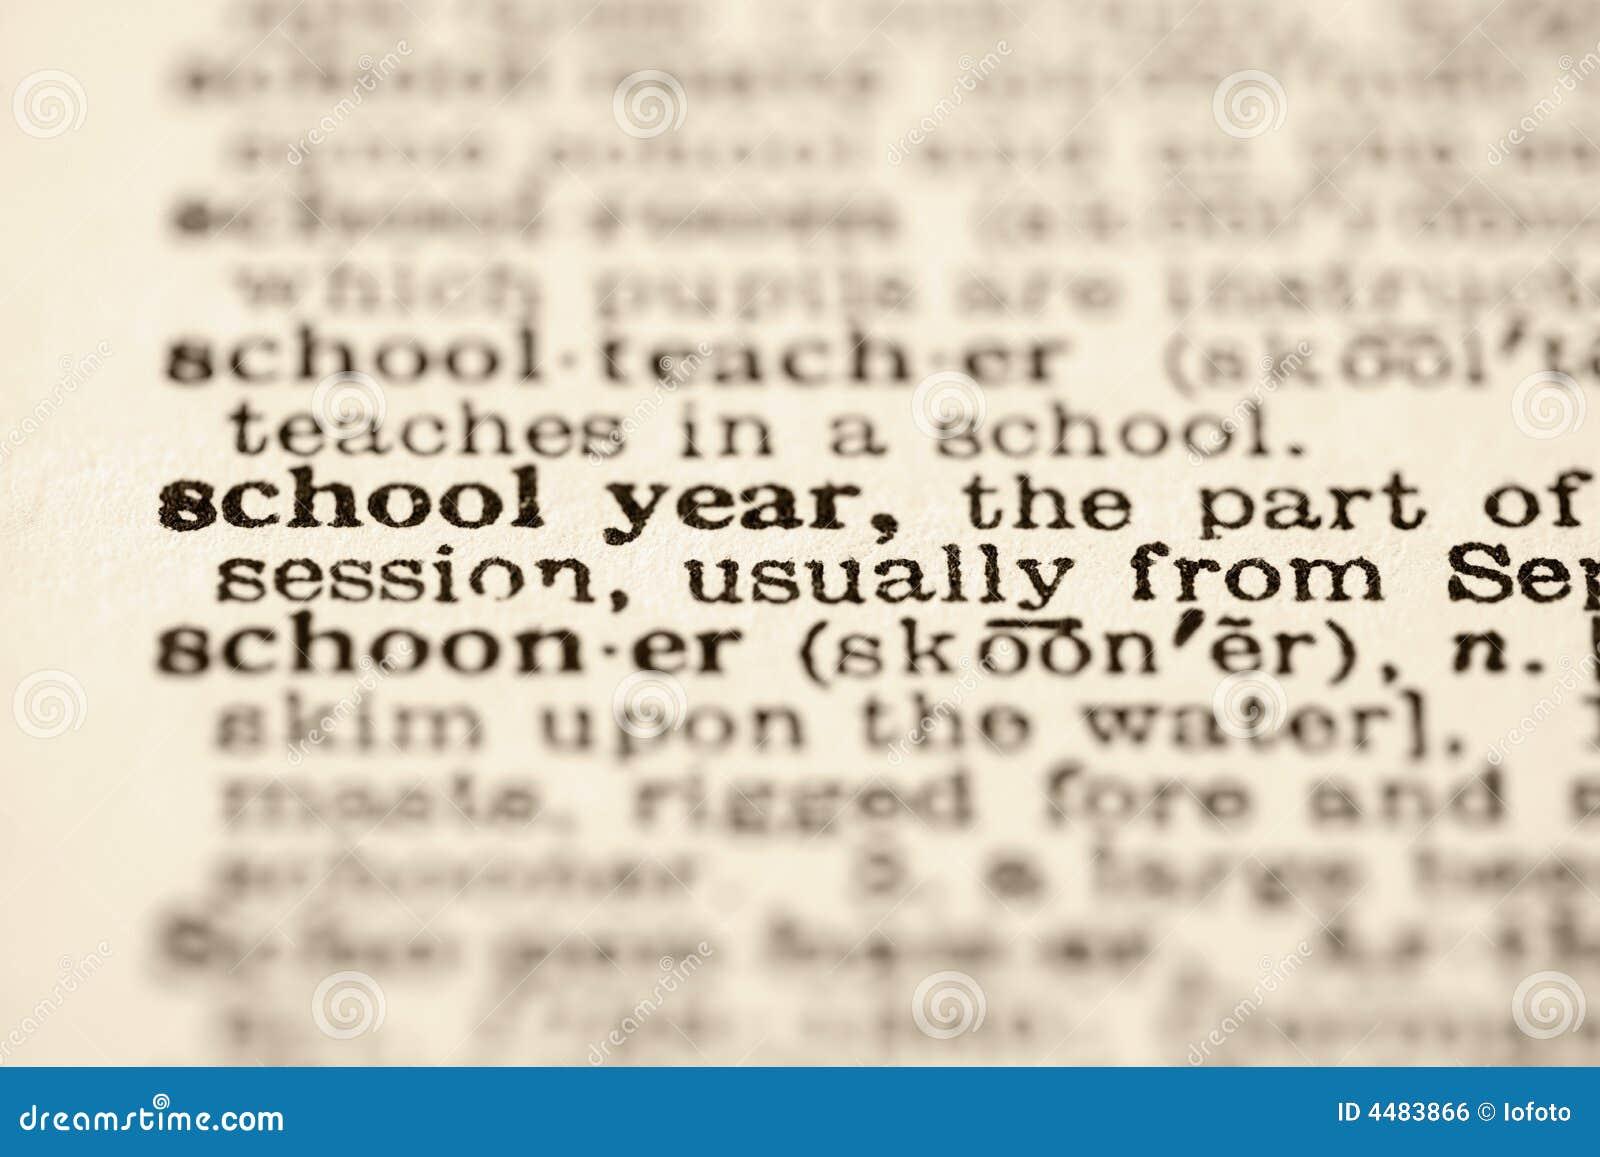 Schuljahrdefinition.